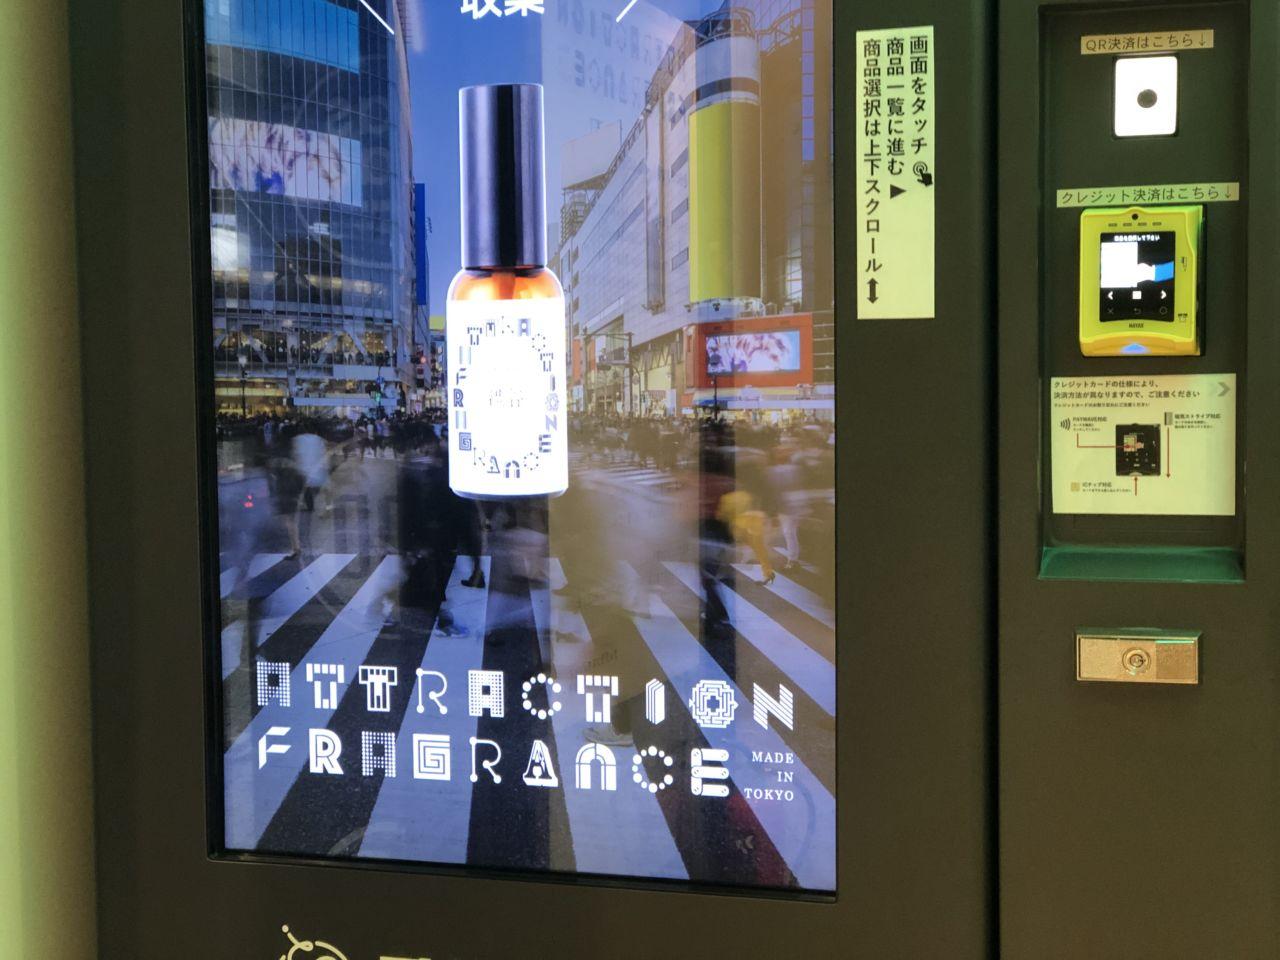 フレグランスを販売する『自由販売機』